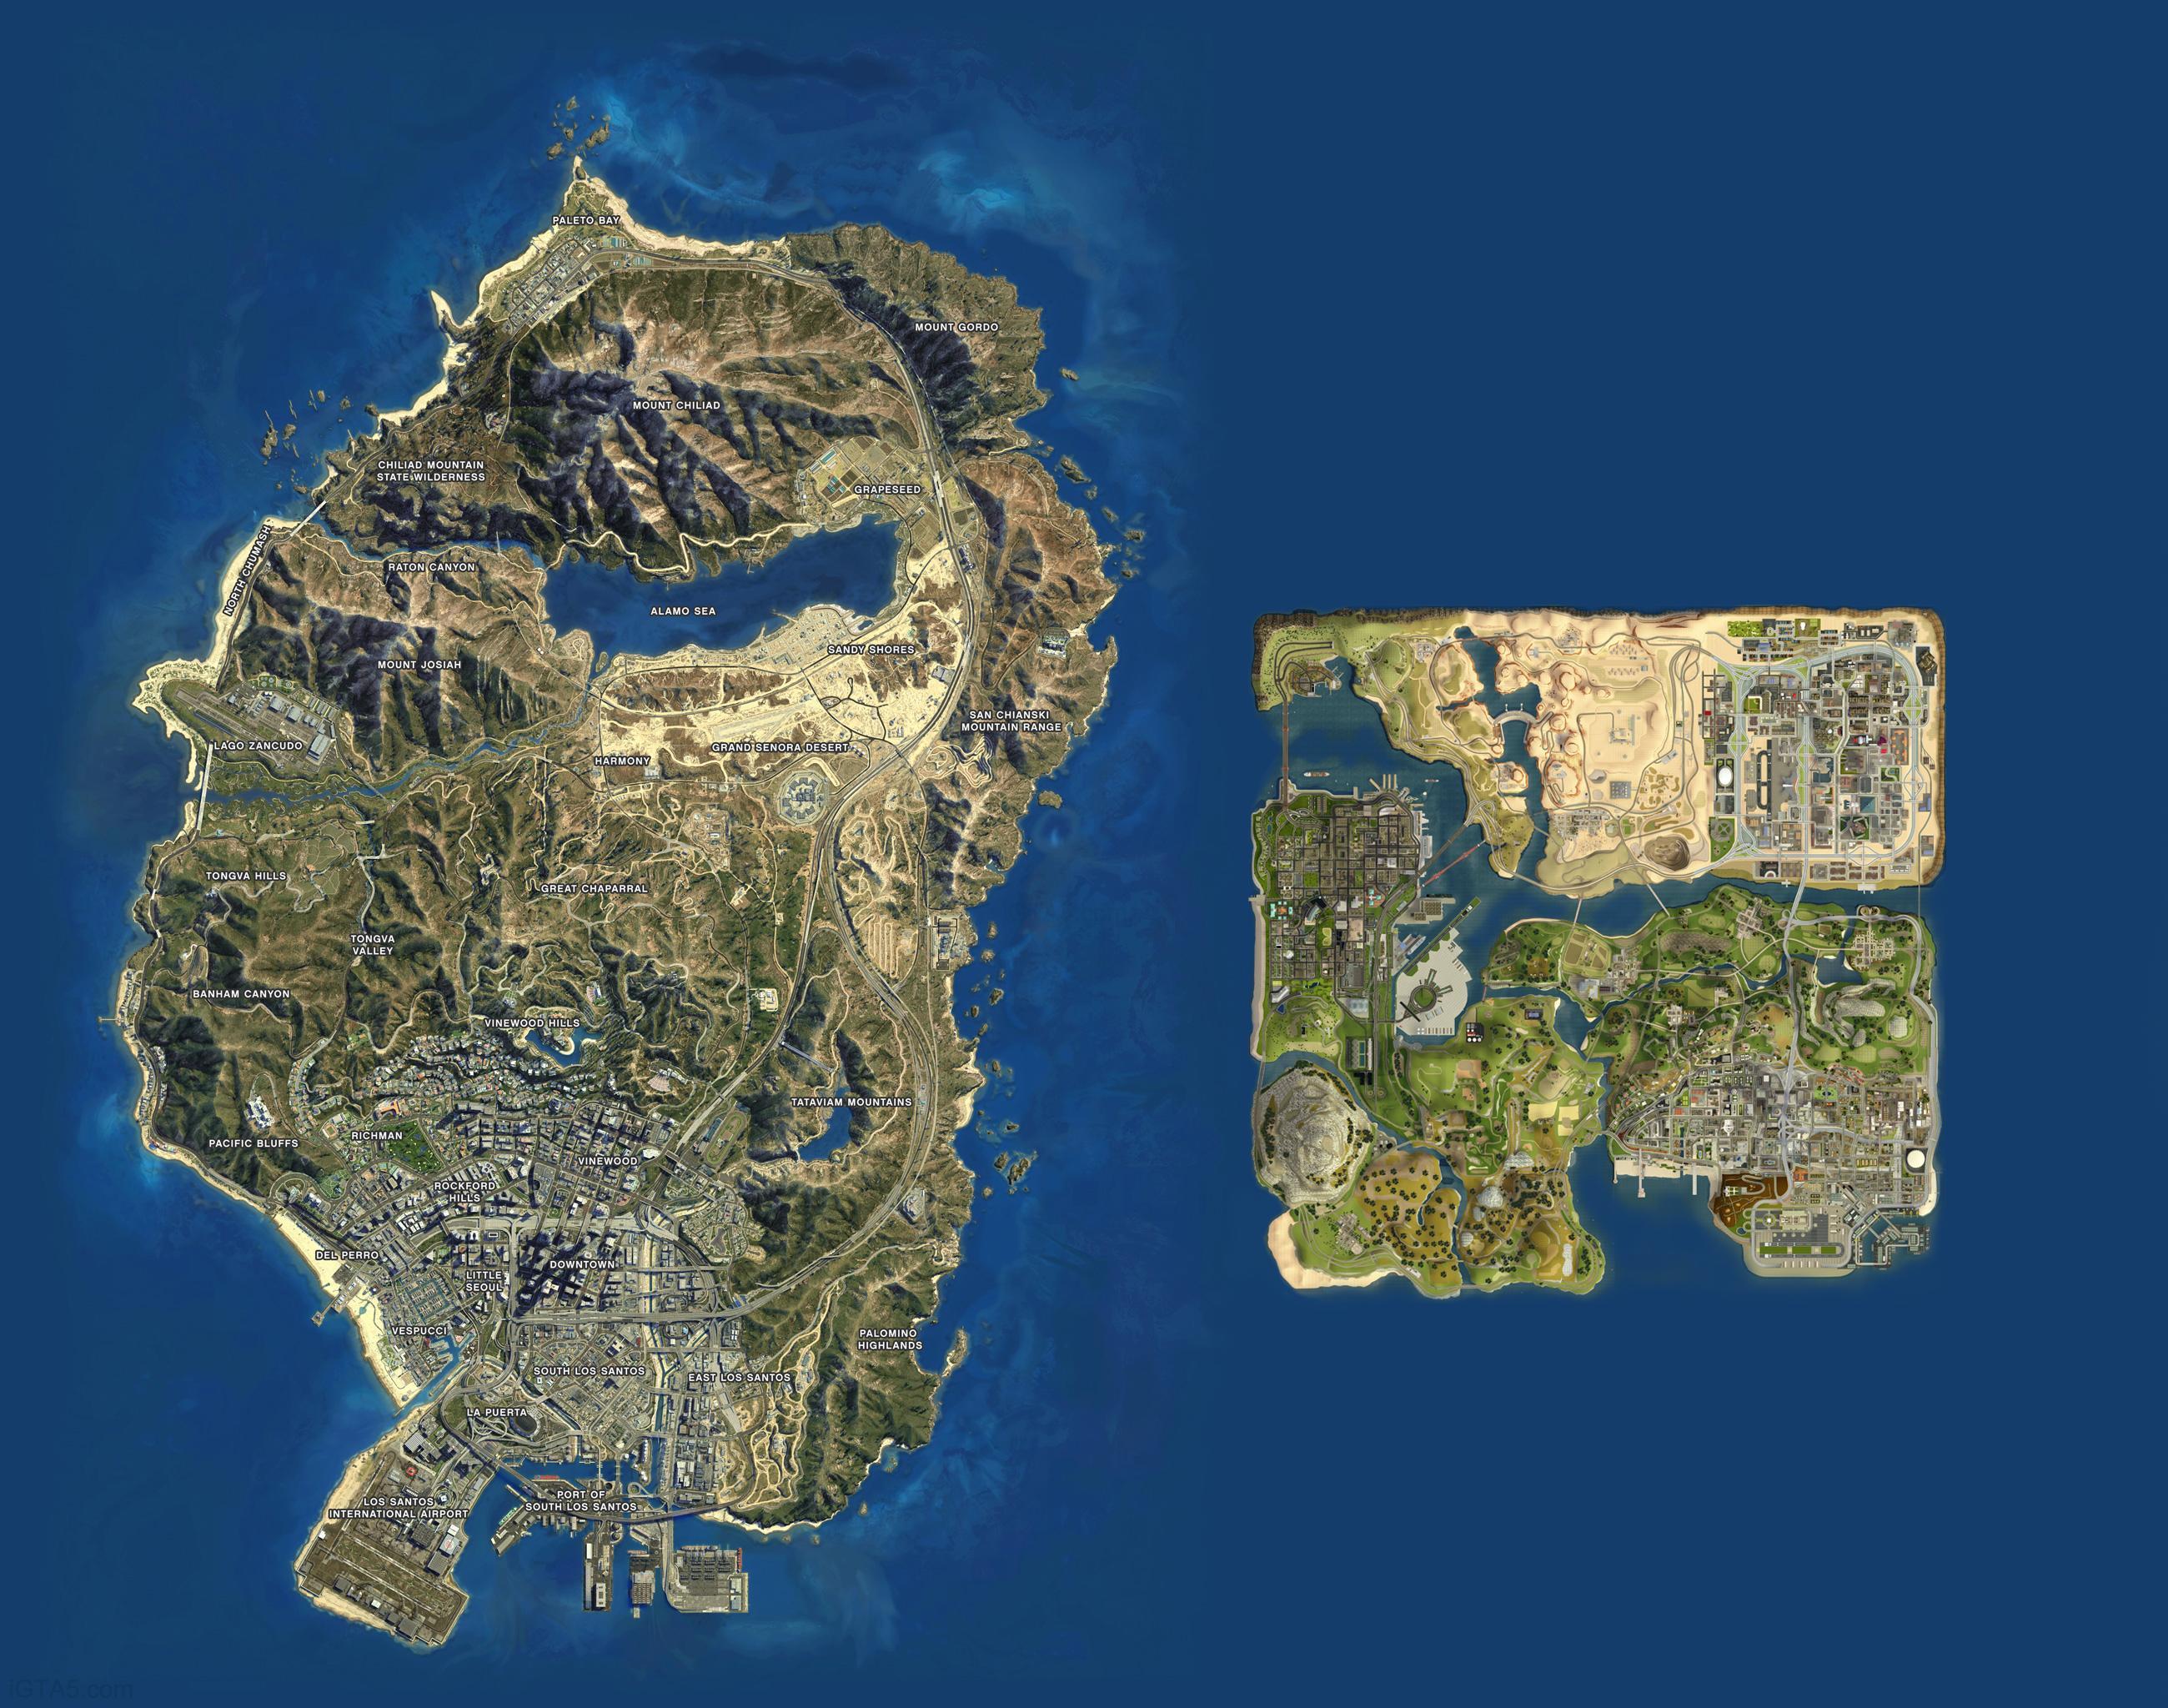 Gta V Elicottero Mappa : Gta mappa del gioco a confronto con quella di san